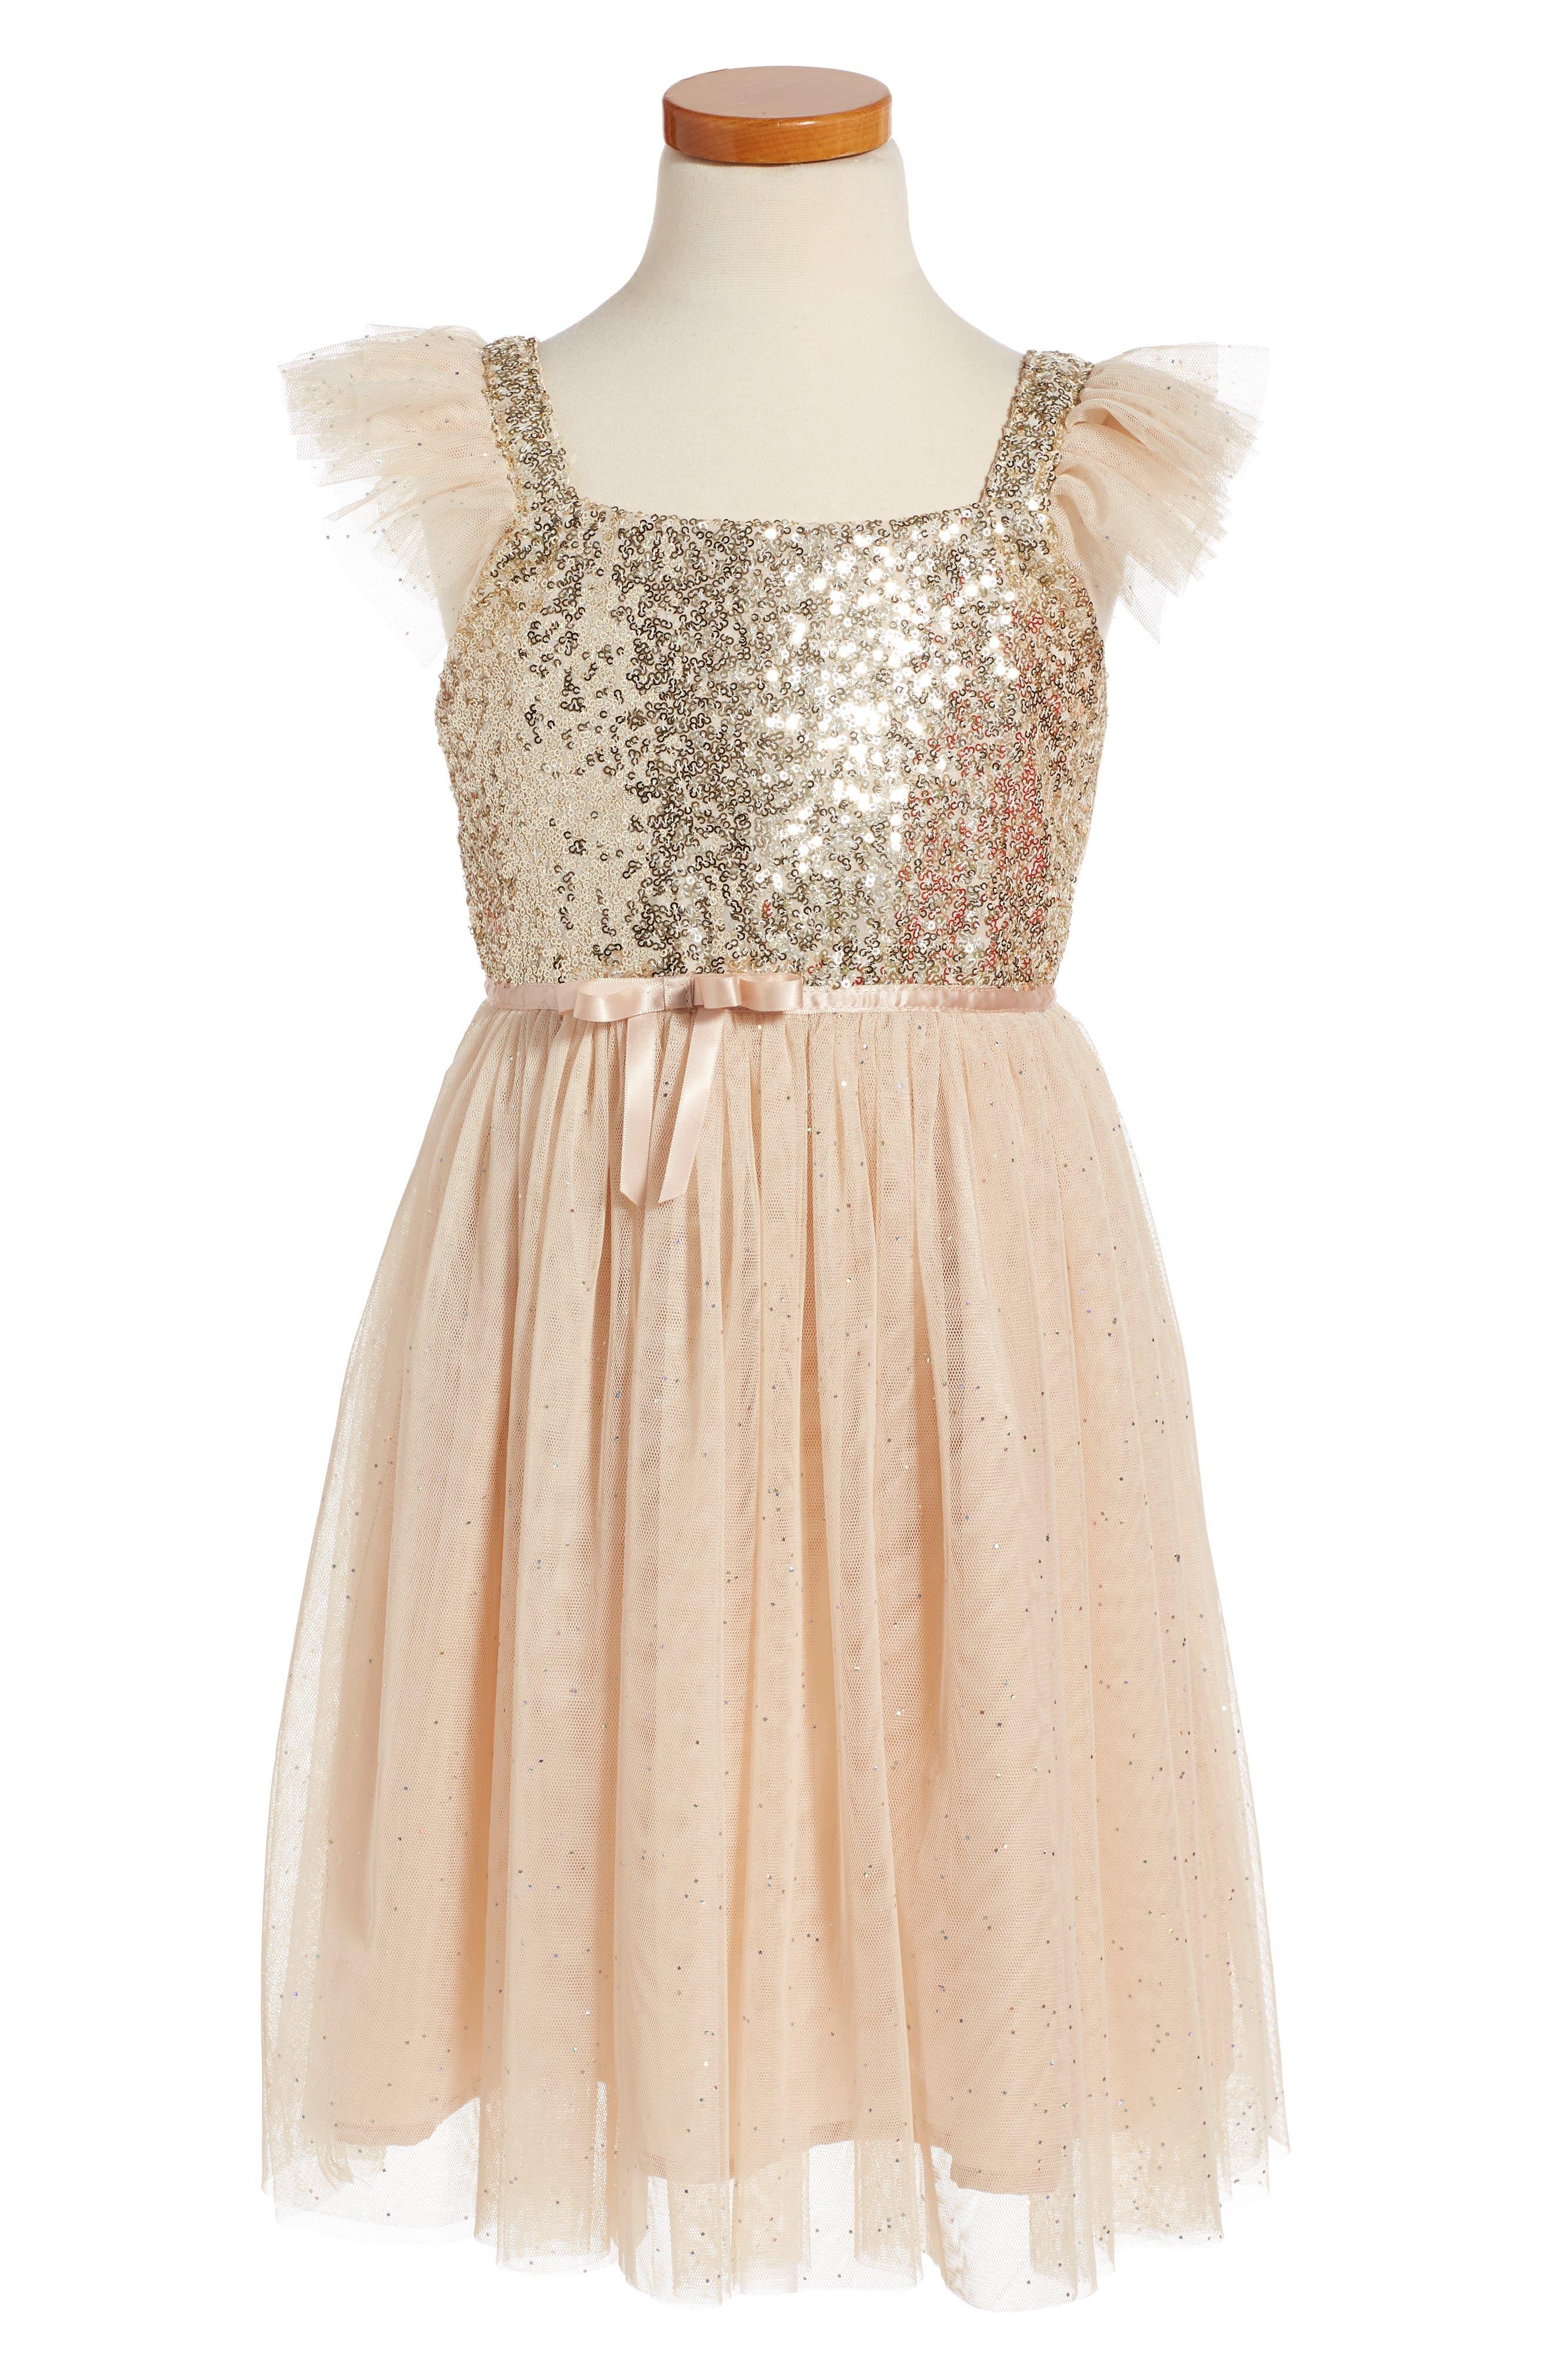 Alternate Image 1 Selected - PopatuSequin Bodice Tulle Dress (Toddler Girls, Little Girls & Big Girls)